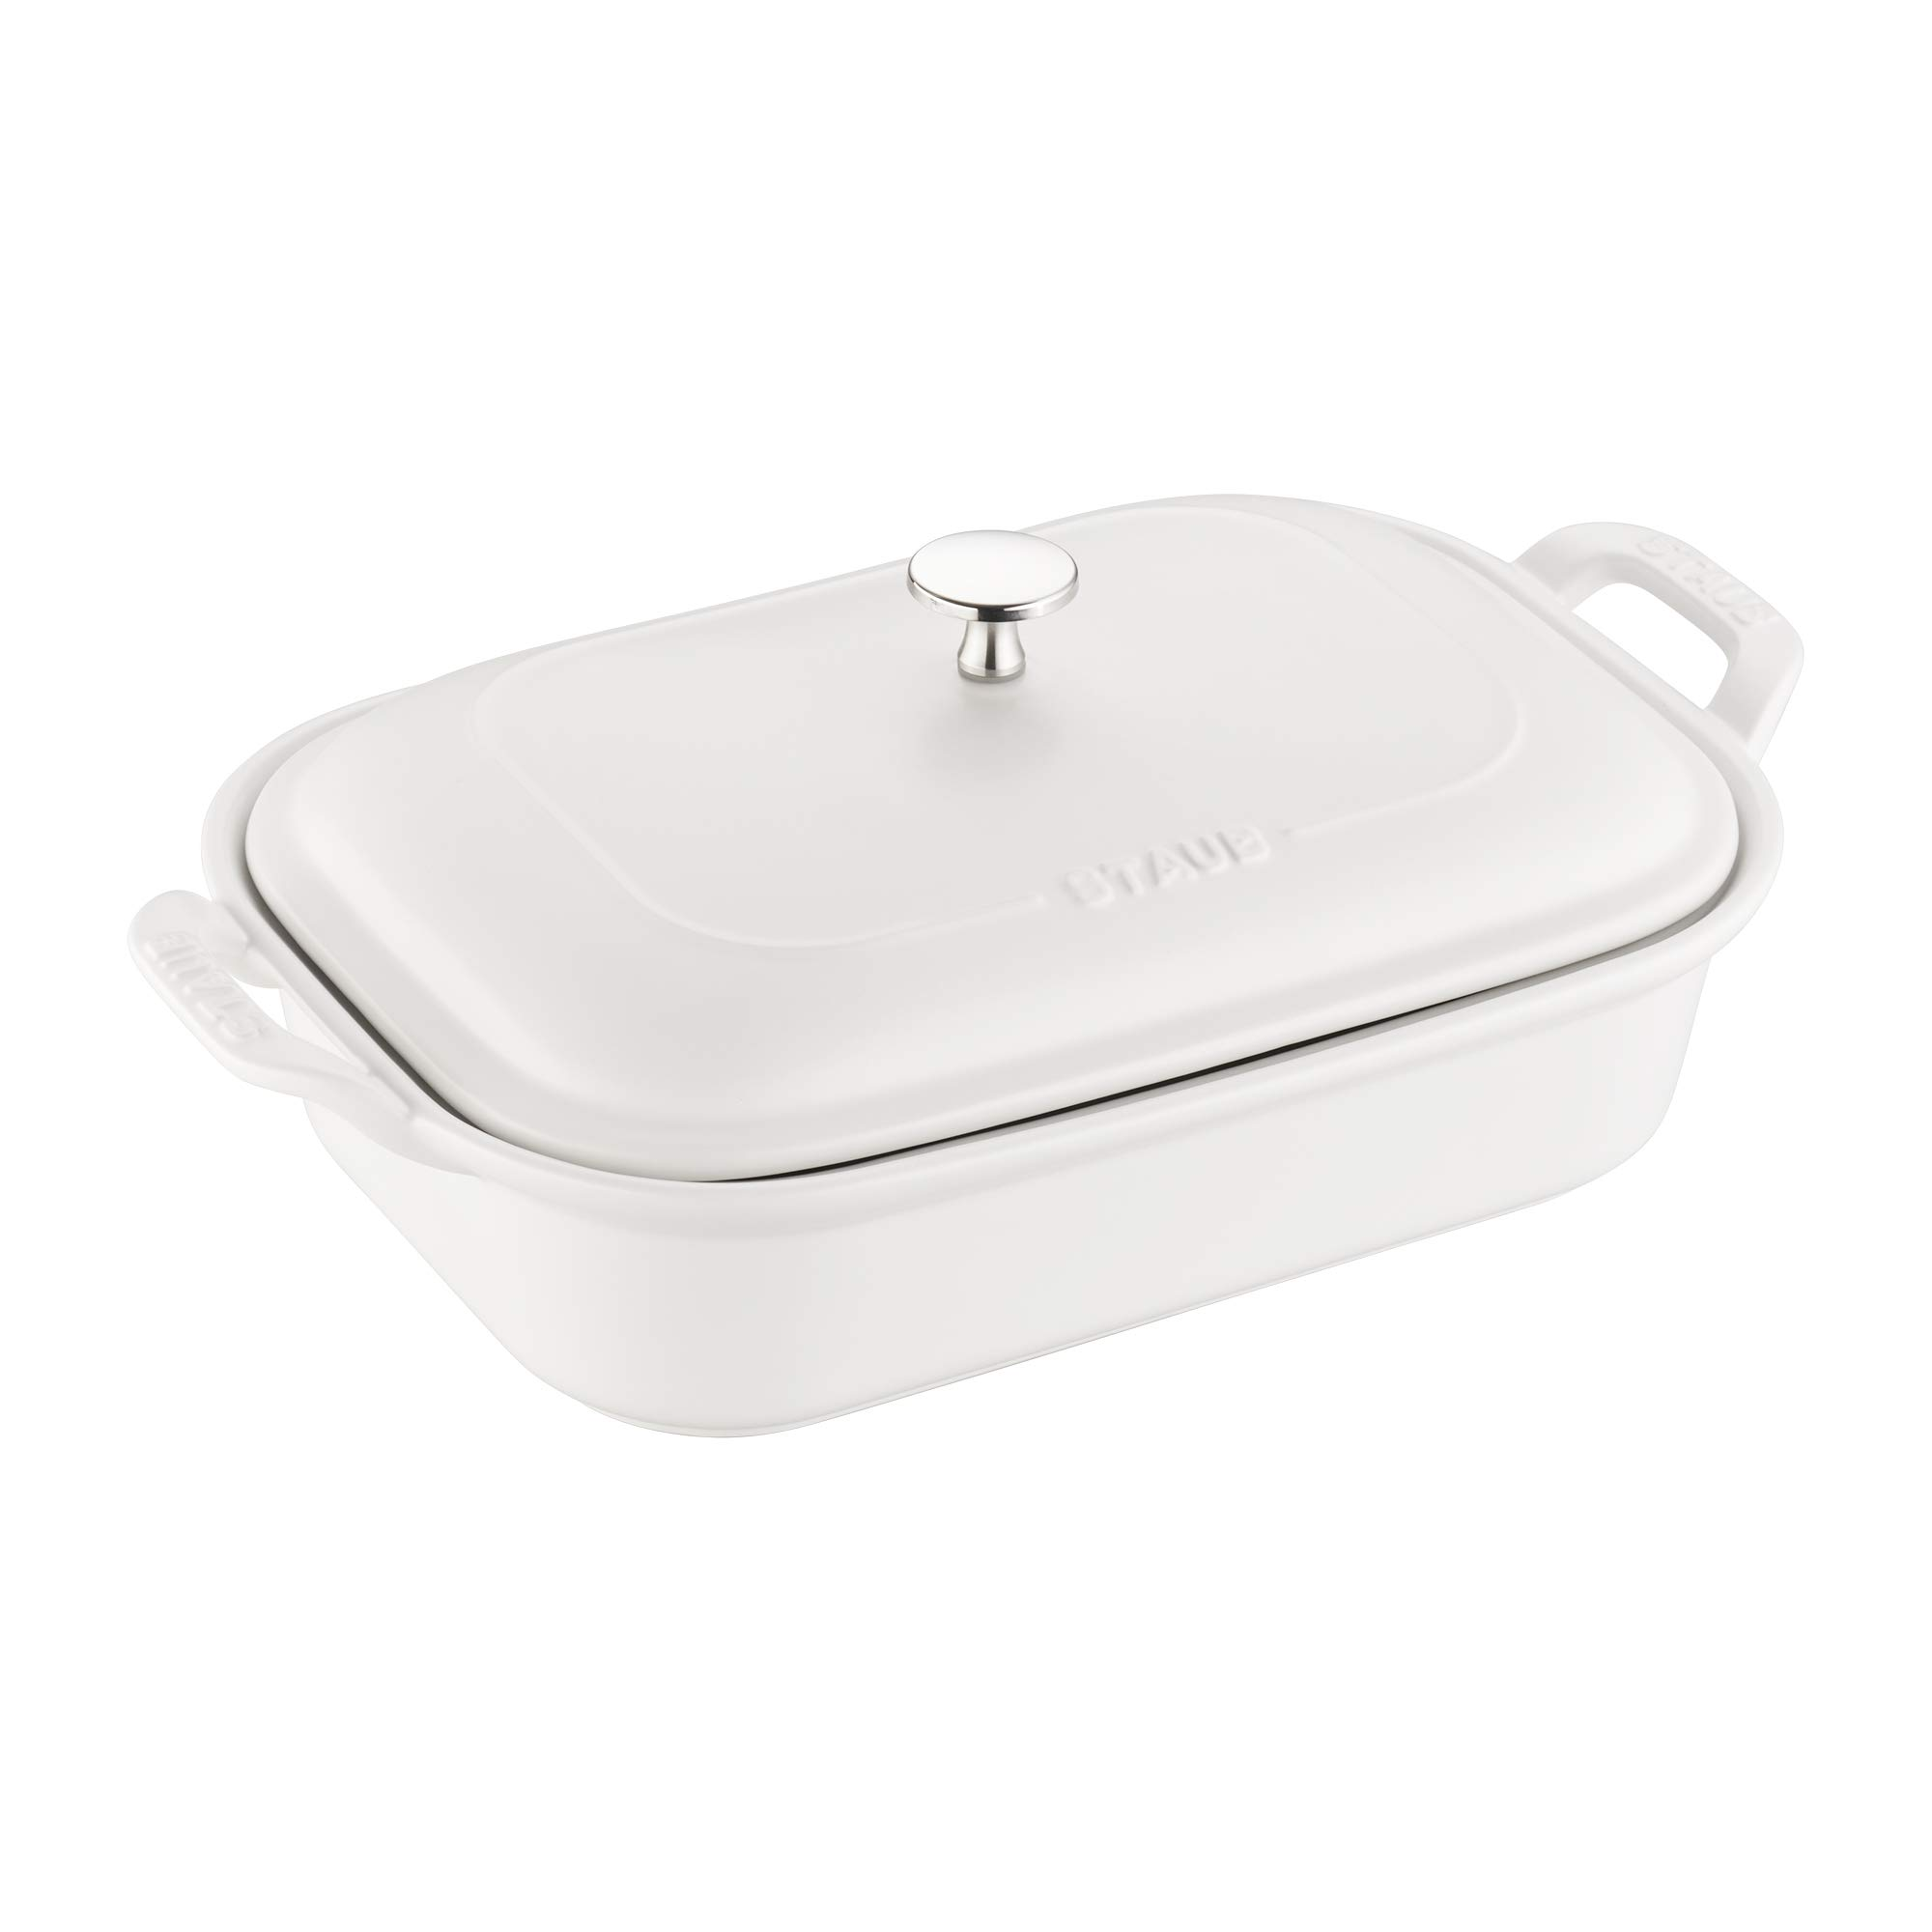 Staub Ceramic 12'' x 8'' Rectangular Covered Baking Dish - Matte White